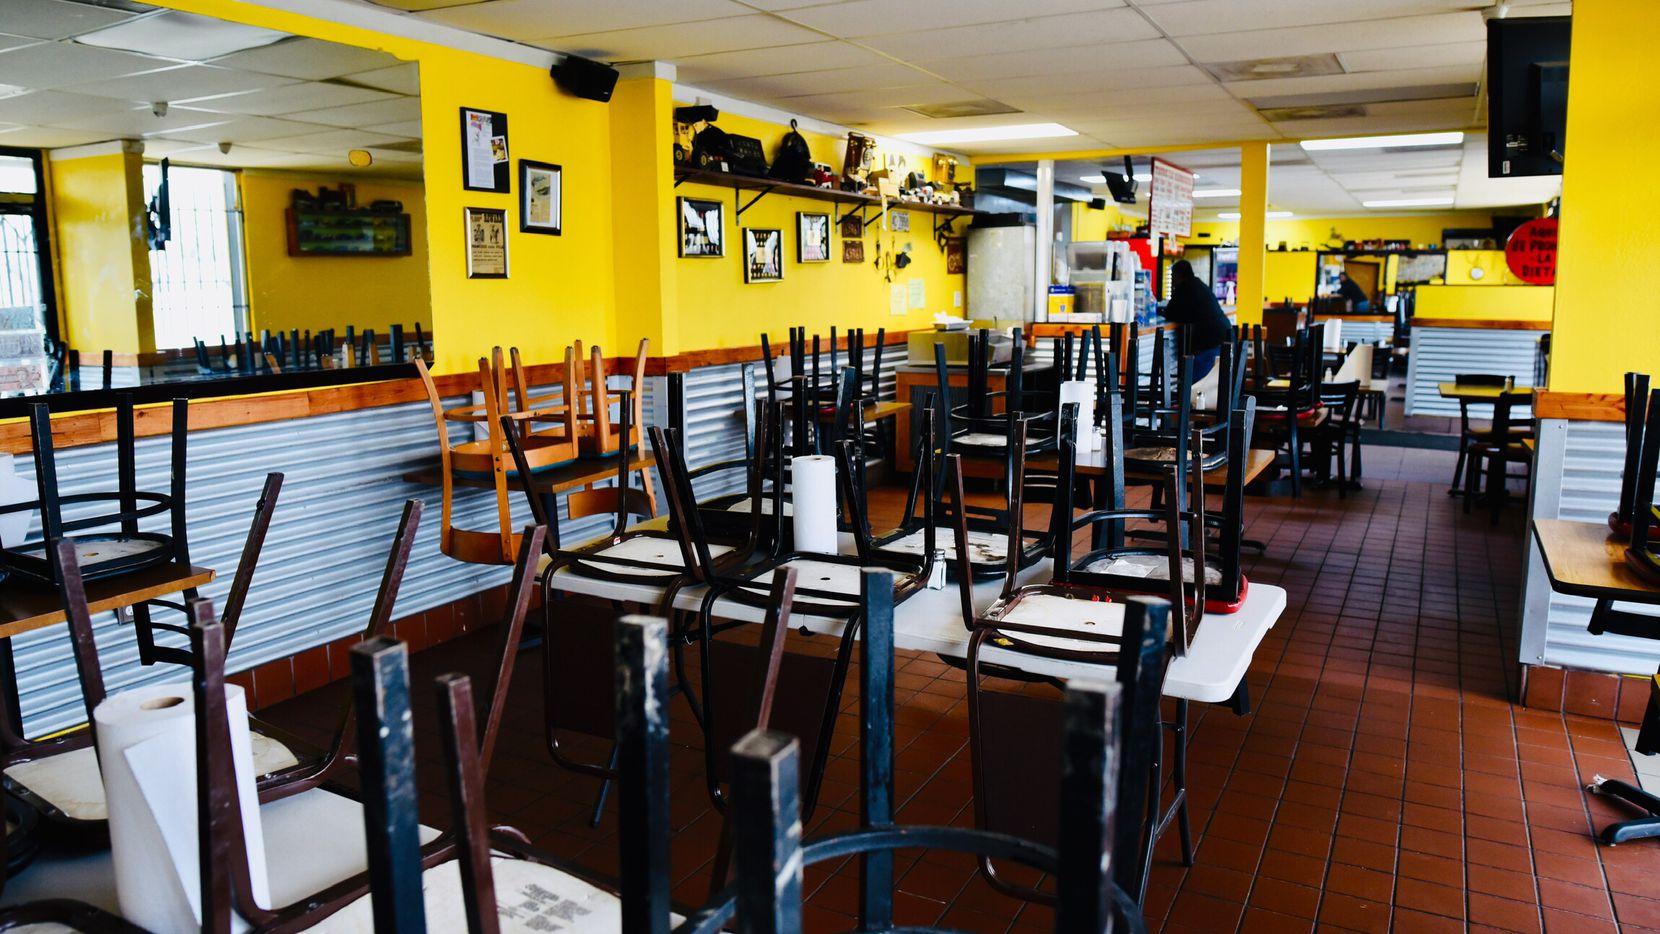 El área de comedor del restaurante Tacos la Banqueta de East Dallas se ve vacío tras restricciones de la ciudad por pandemia de coronavirus.